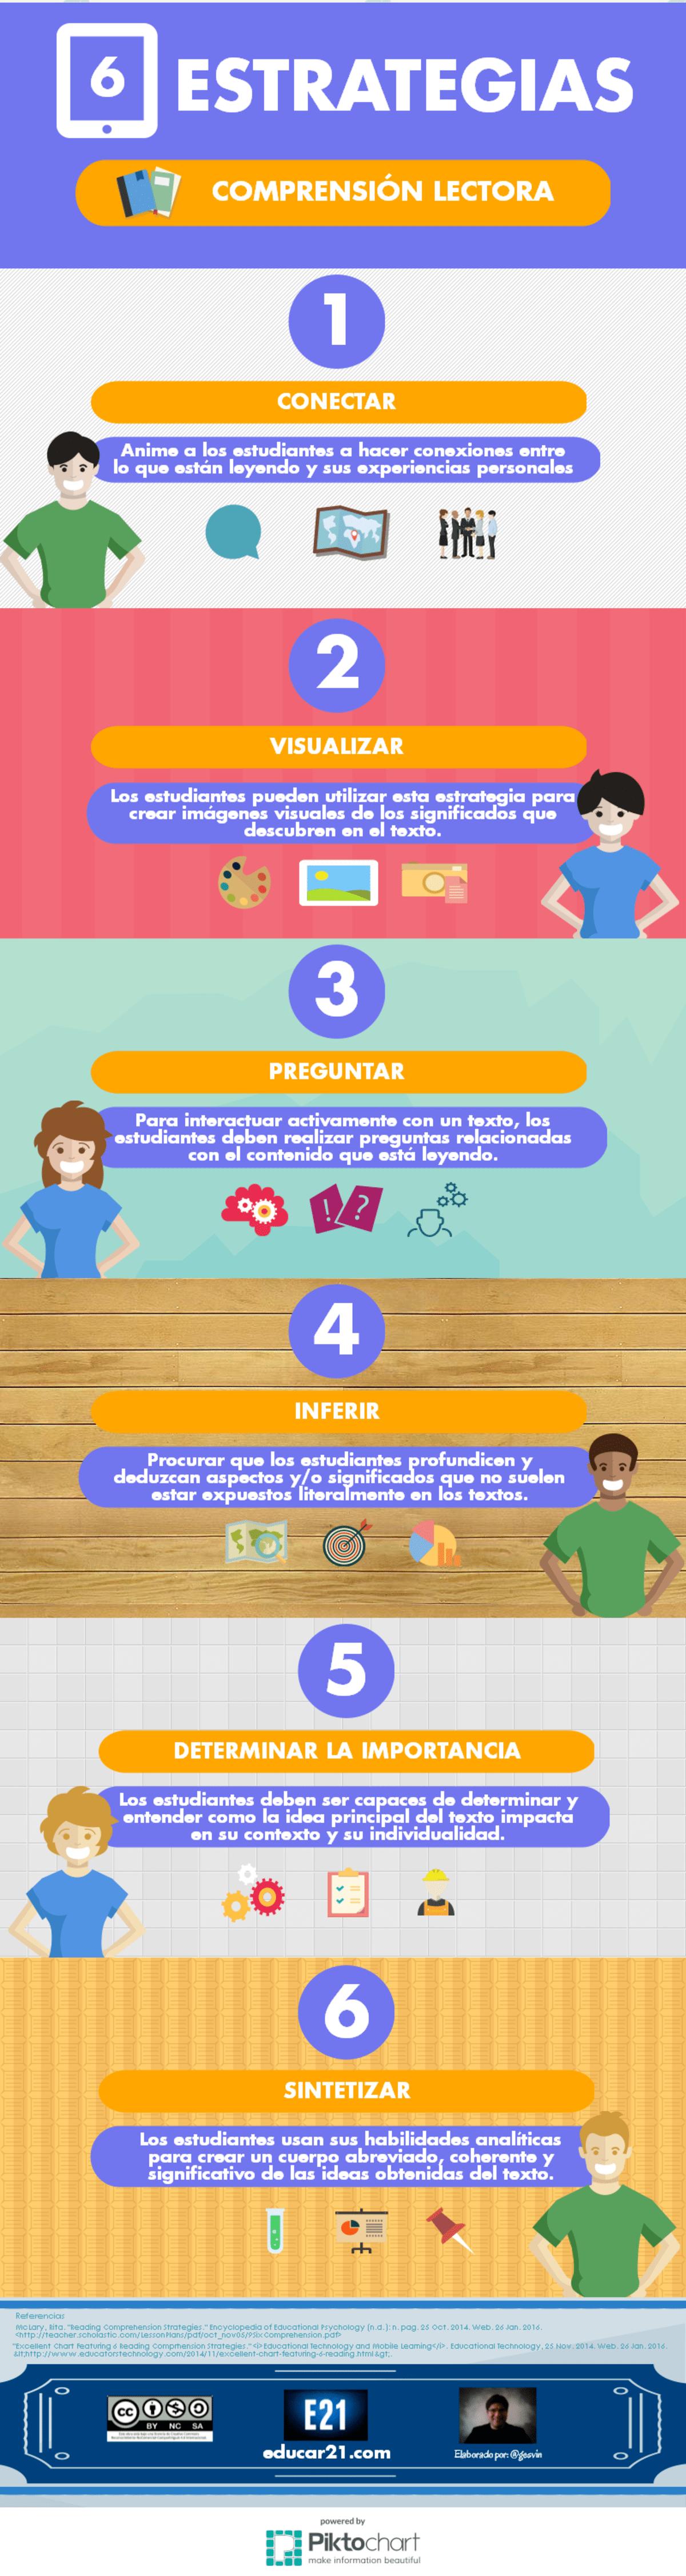 Comprensión Lectora - 6 Efectivas Estrategias para Desarrollarla en nuestros Estudiantes.